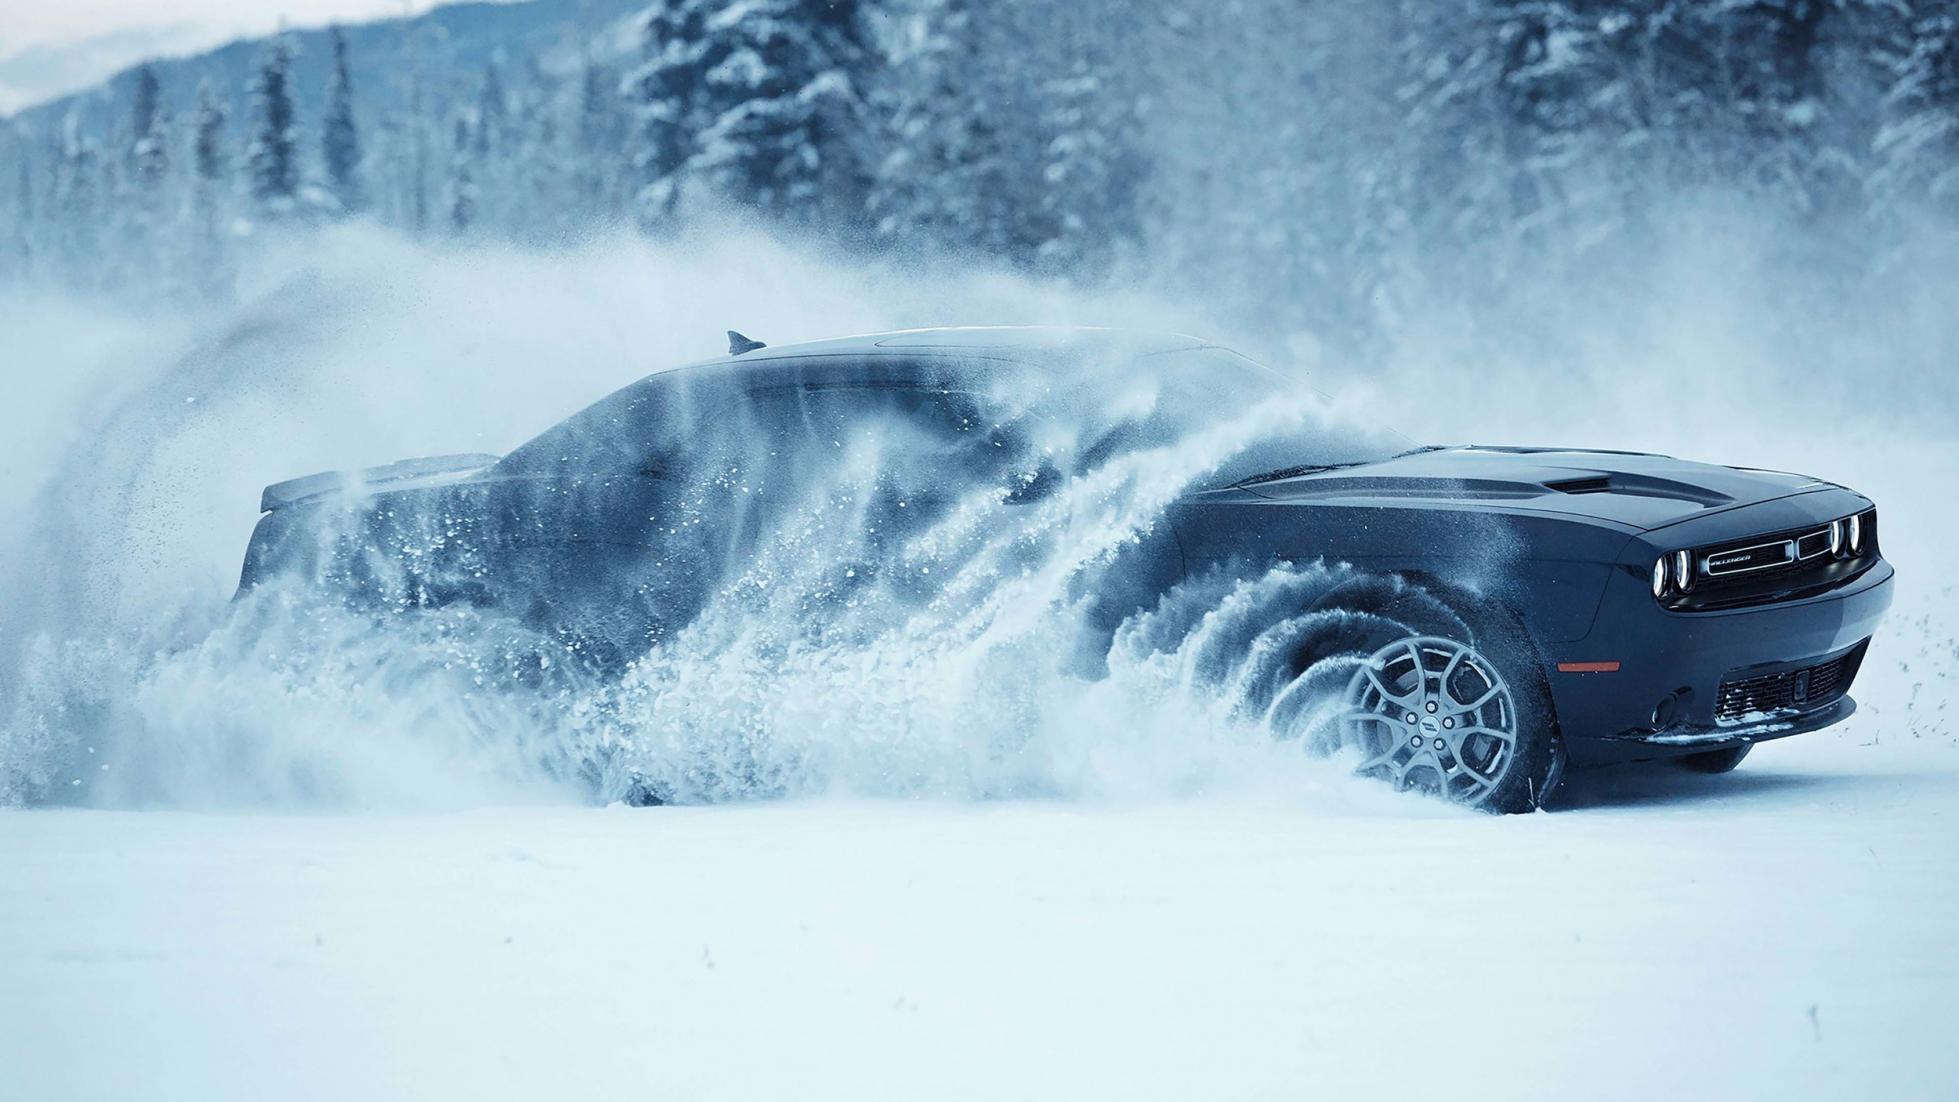 Le guide Top Gear de la conduite sur neige - Galerie